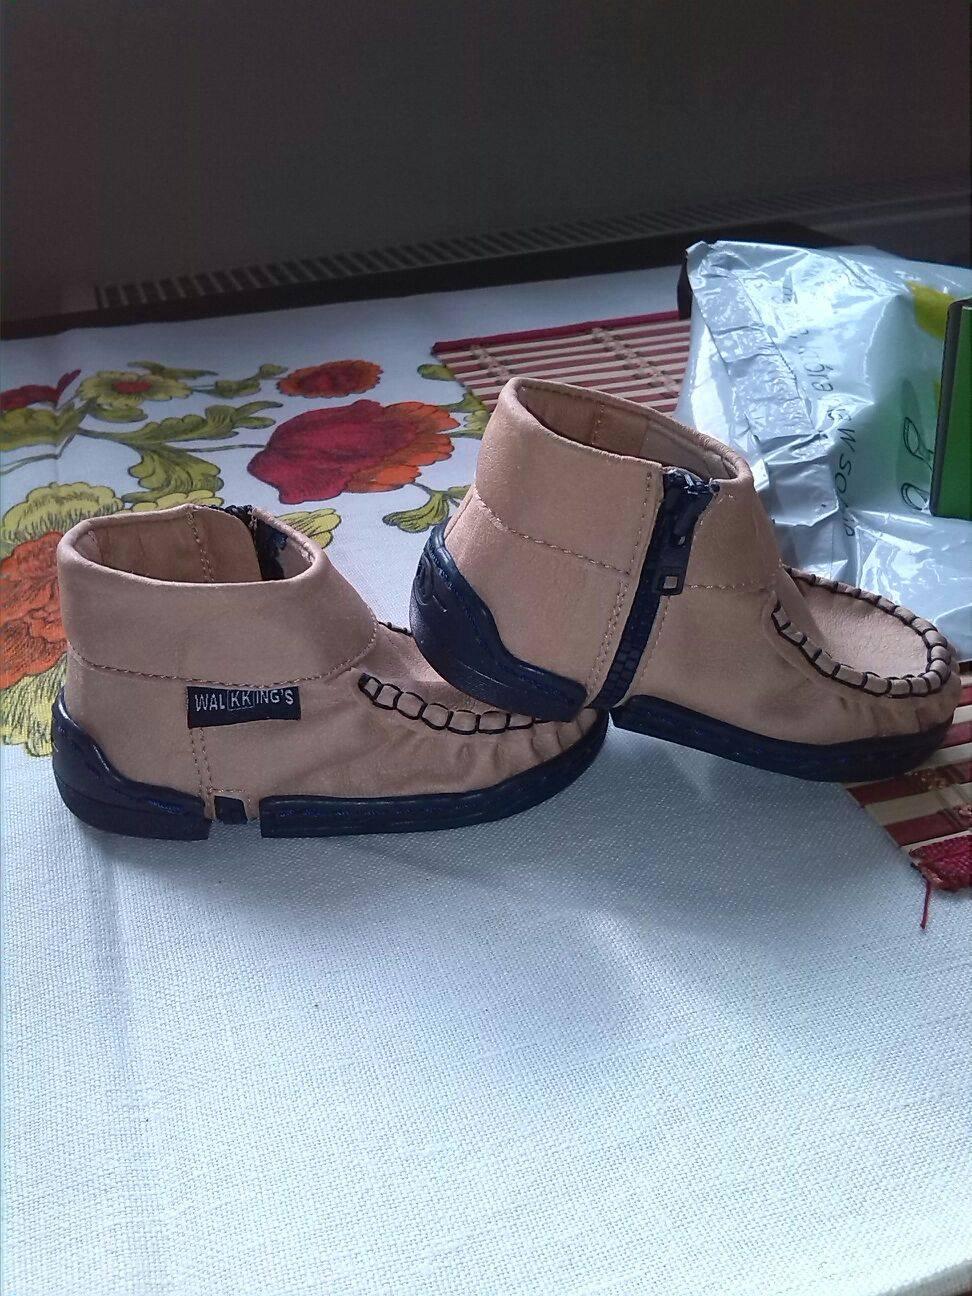 buty dla dzieci walkkings